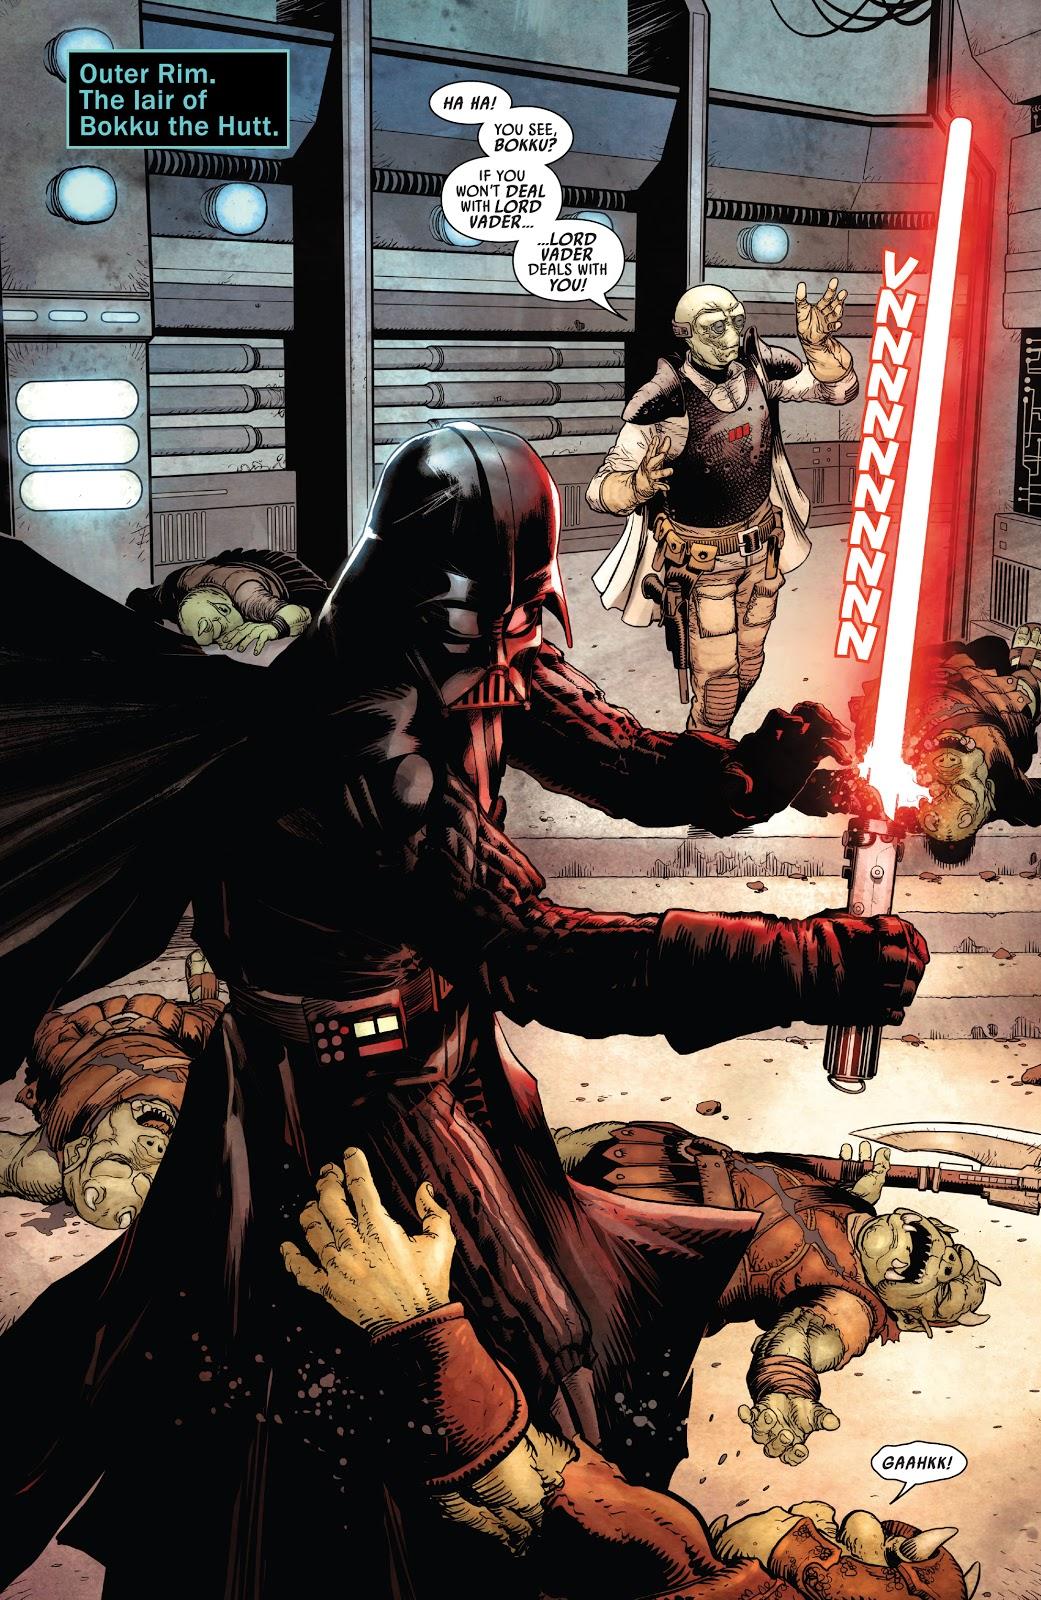 Star Wars: Darth Vader Vol. 1 #13